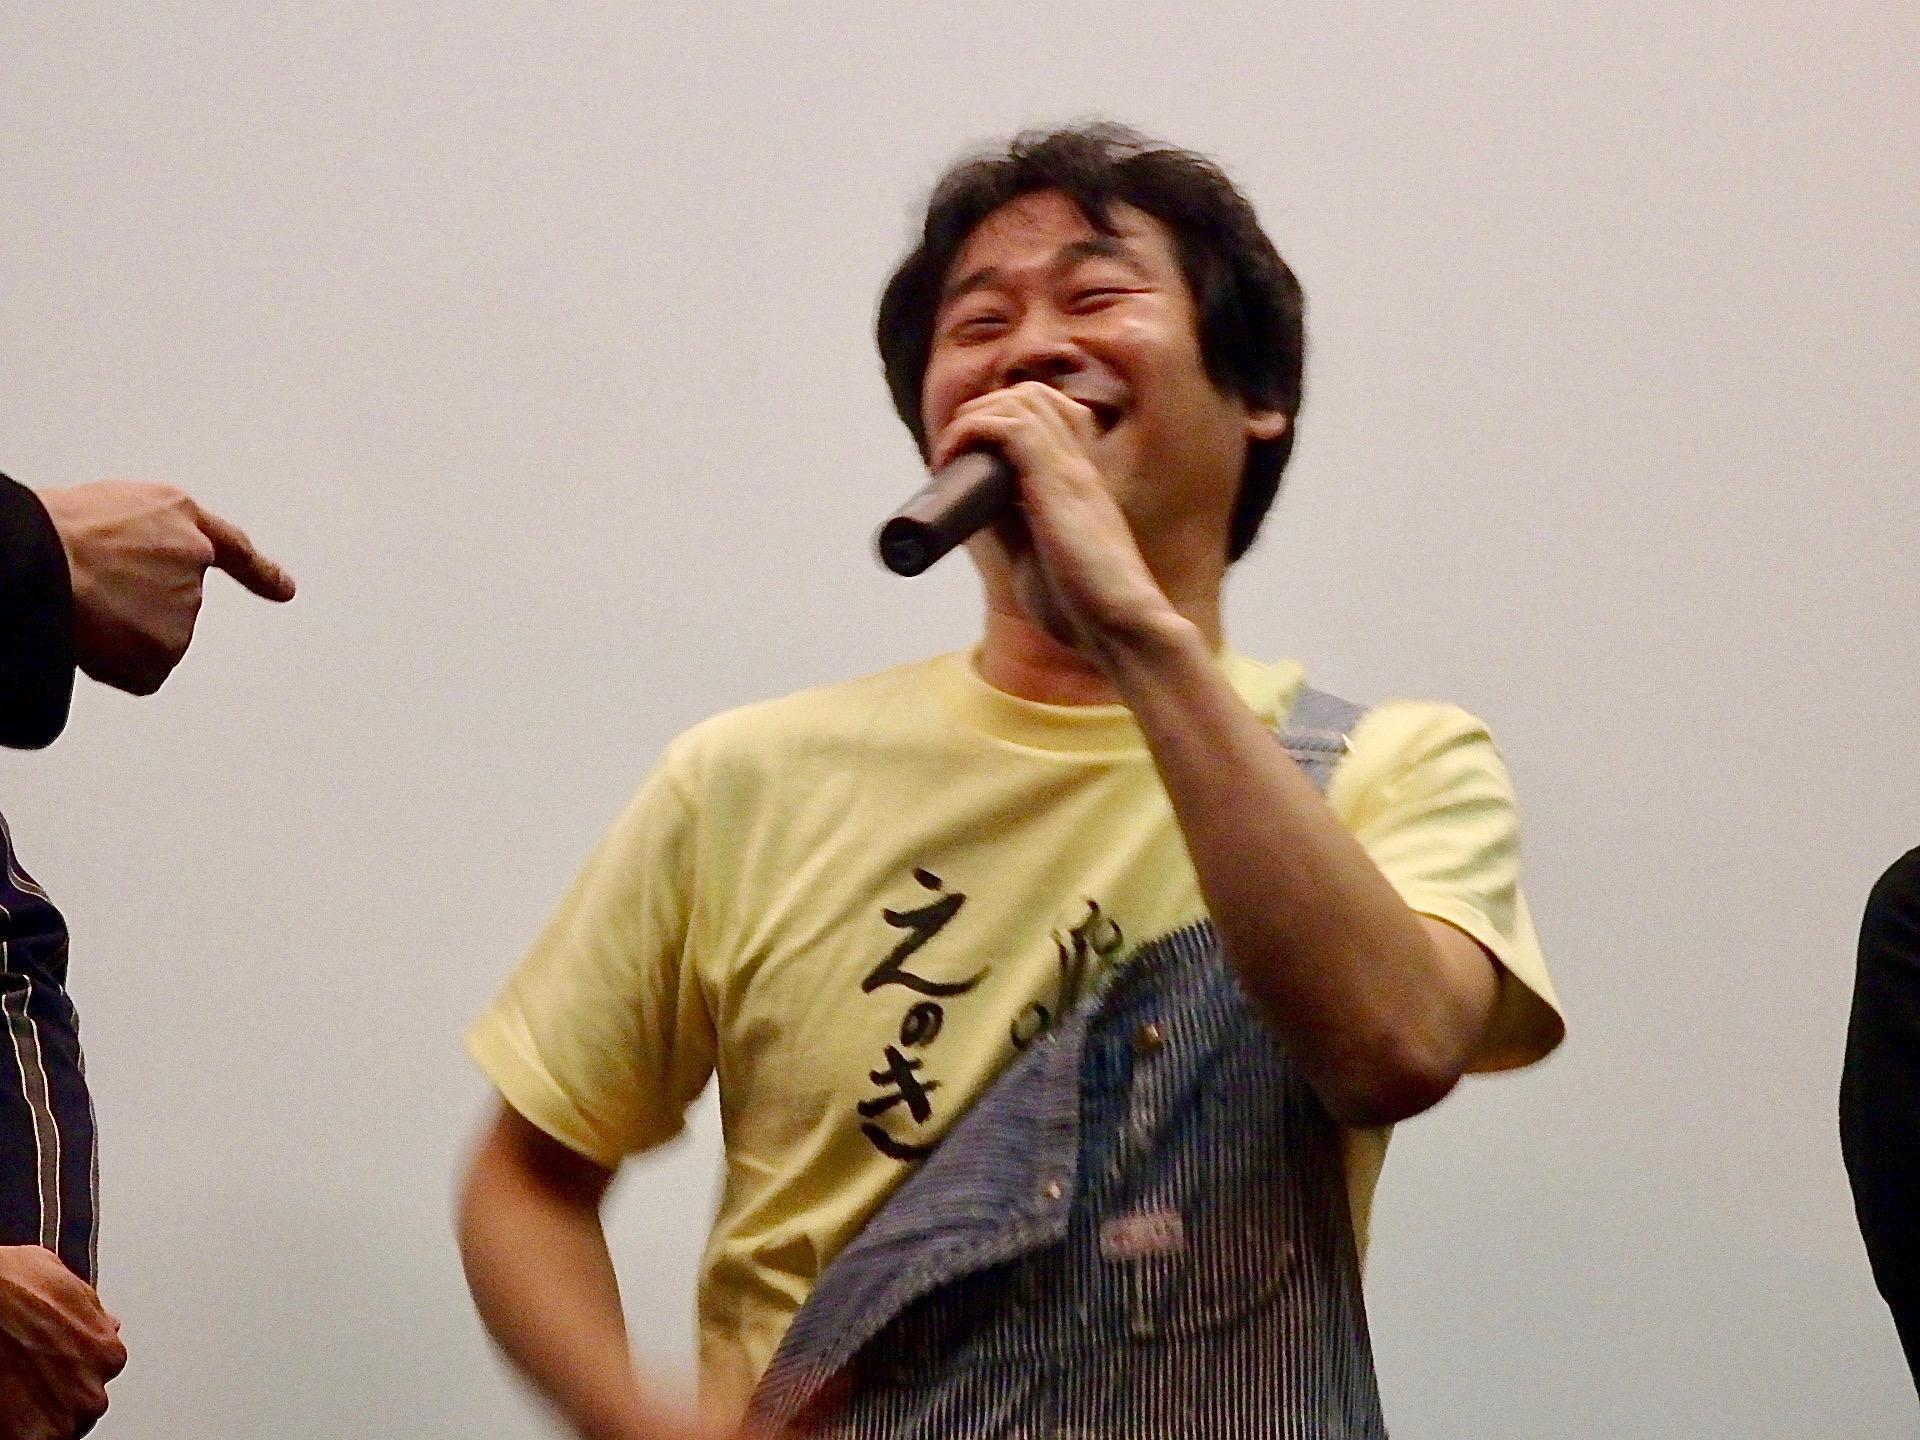 http://news.yoshimoto.co.jp/20171112002025-dbdb4506f0553f35b1e605baddfb3a09d84b8442.jpg